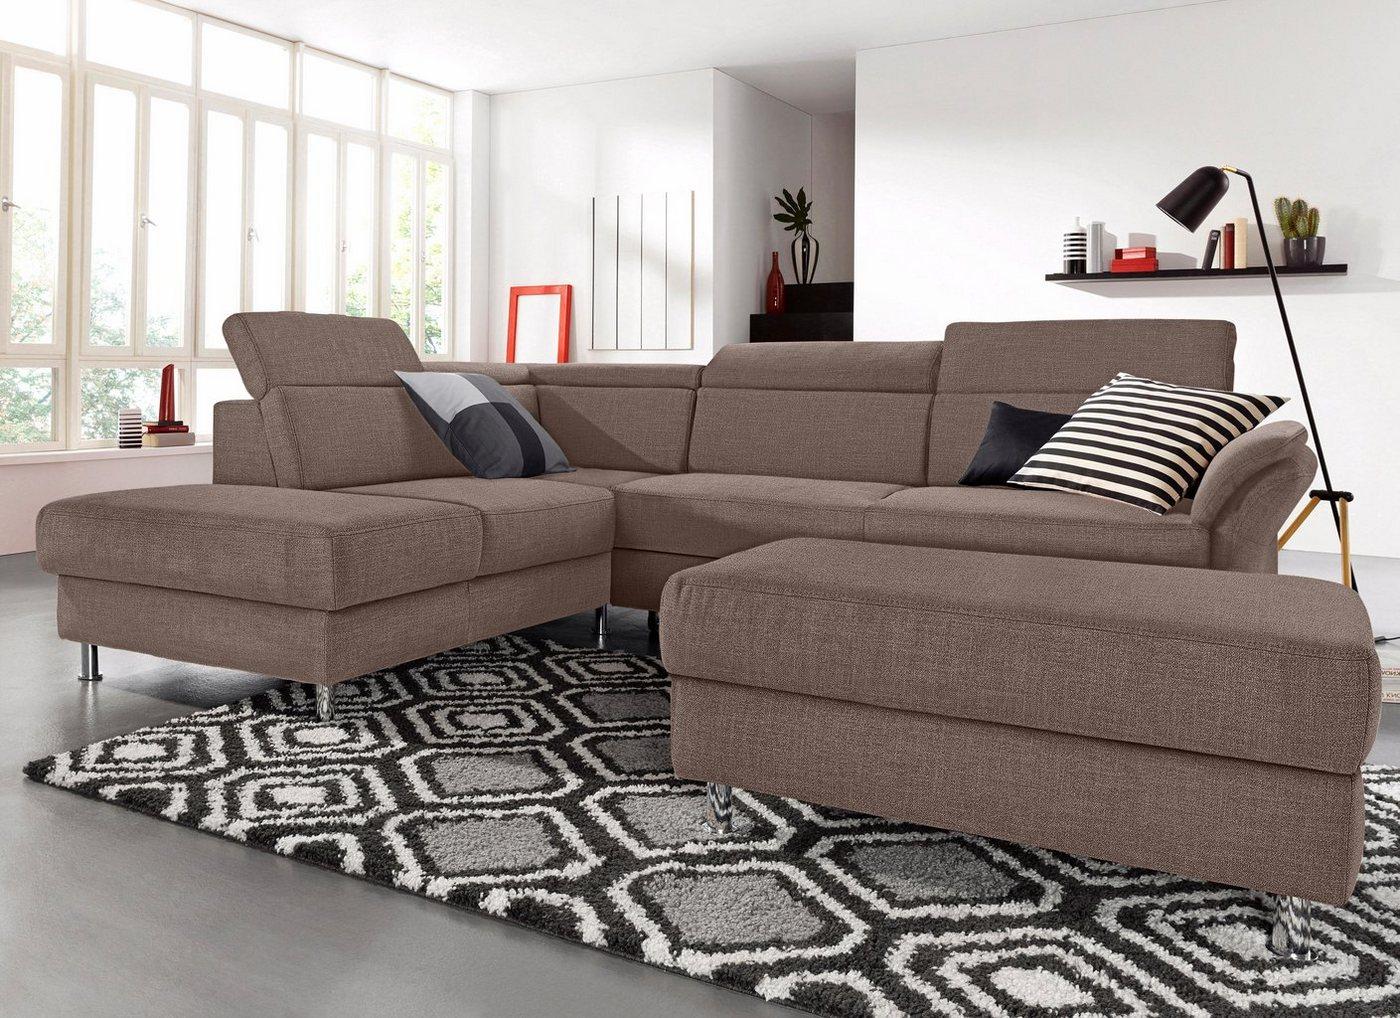 sit&more Ecksofa, inklusive Kopfteilverstellung, wahlweise mit Bettfunktion | Wohnzimmer > Sofas & Couches > Ecksofas & Eckcouches | Braun | Holzwerkstoff | sit&more